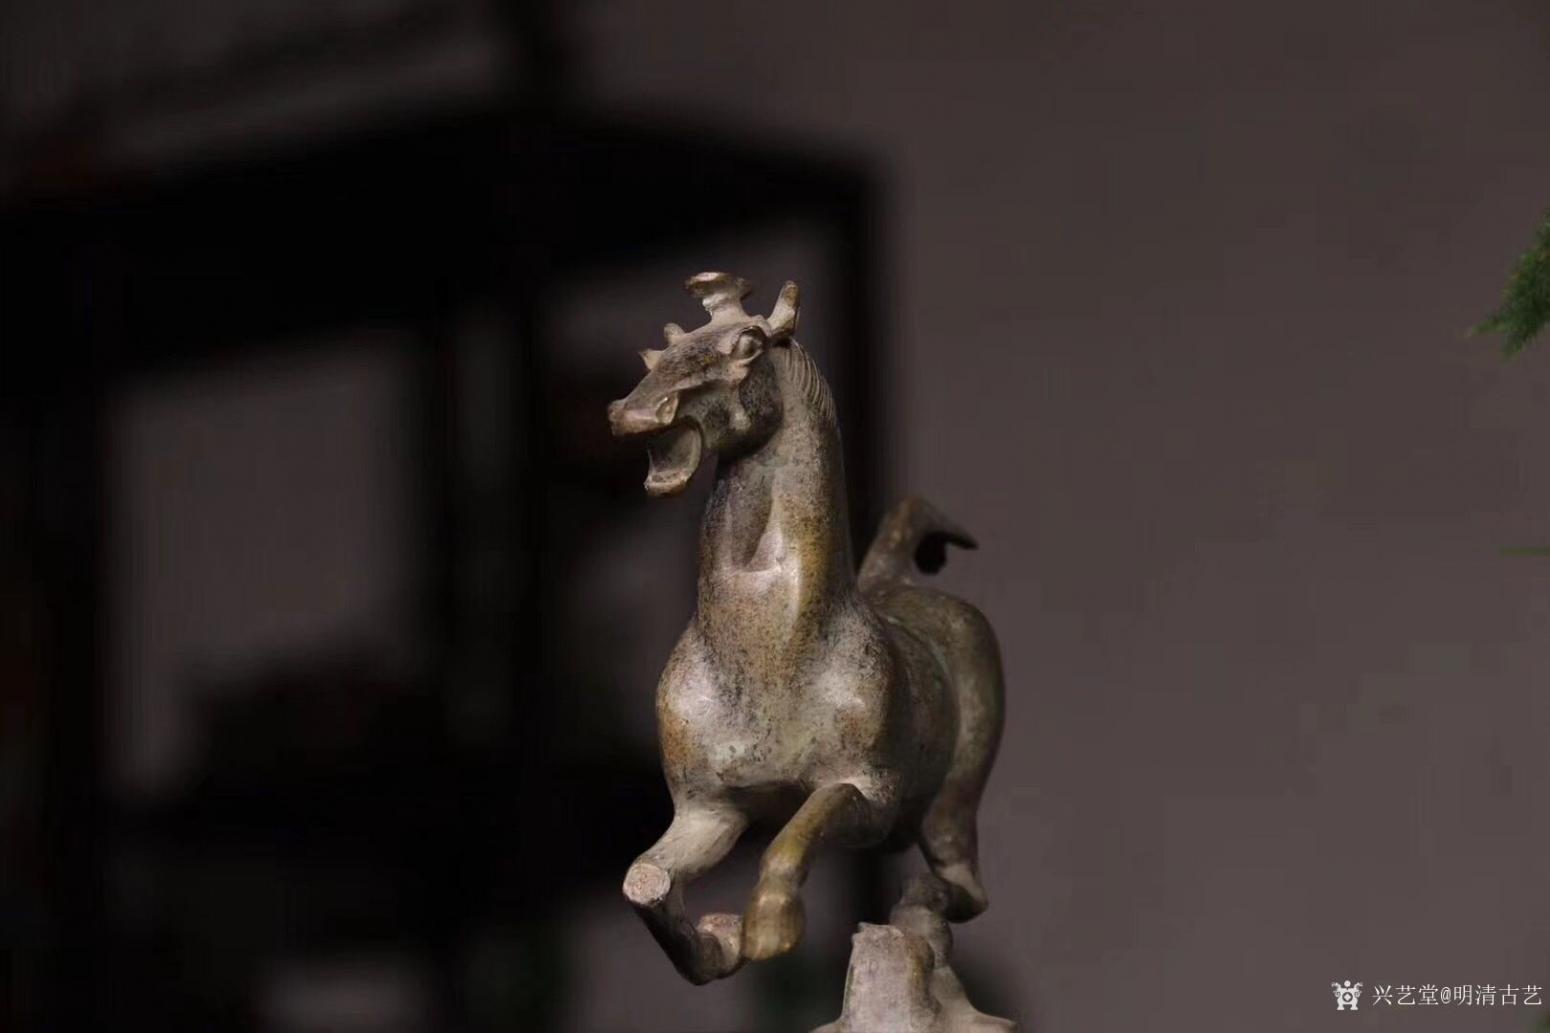 明清古艺雕刻作品《马踏飞燕.铜》【图1】